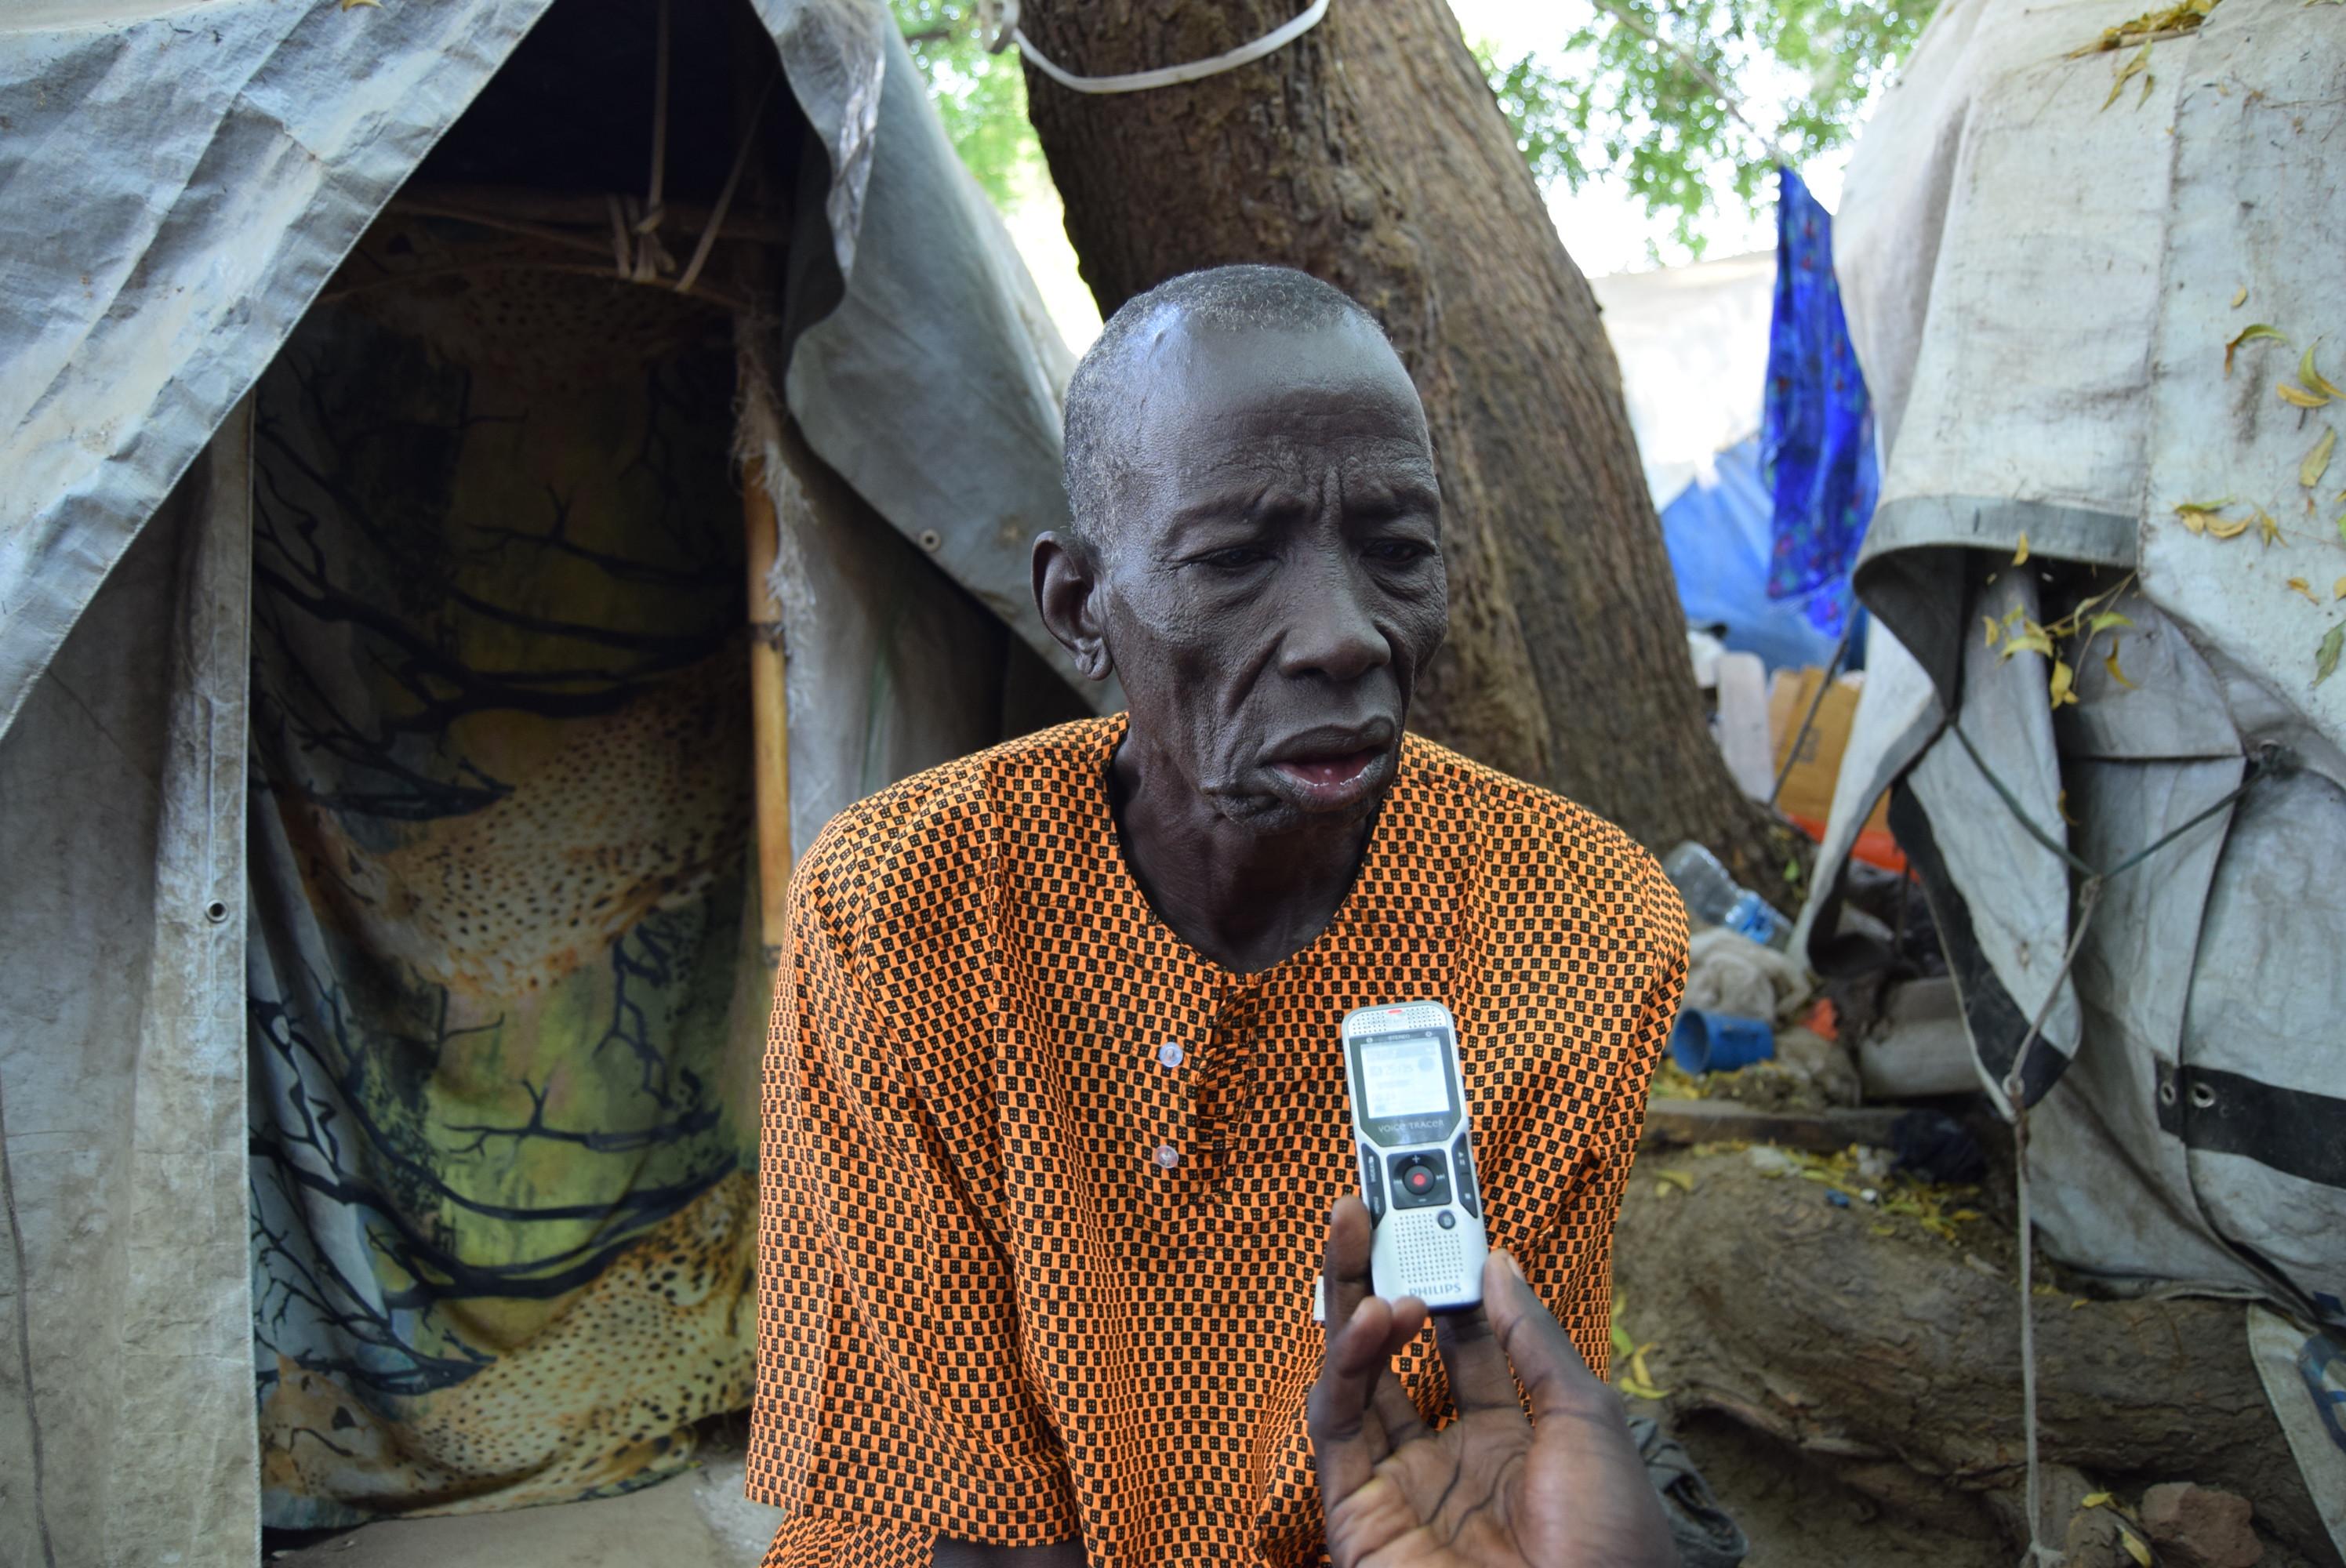 An older man is interviewed in Juba, South Sudan.